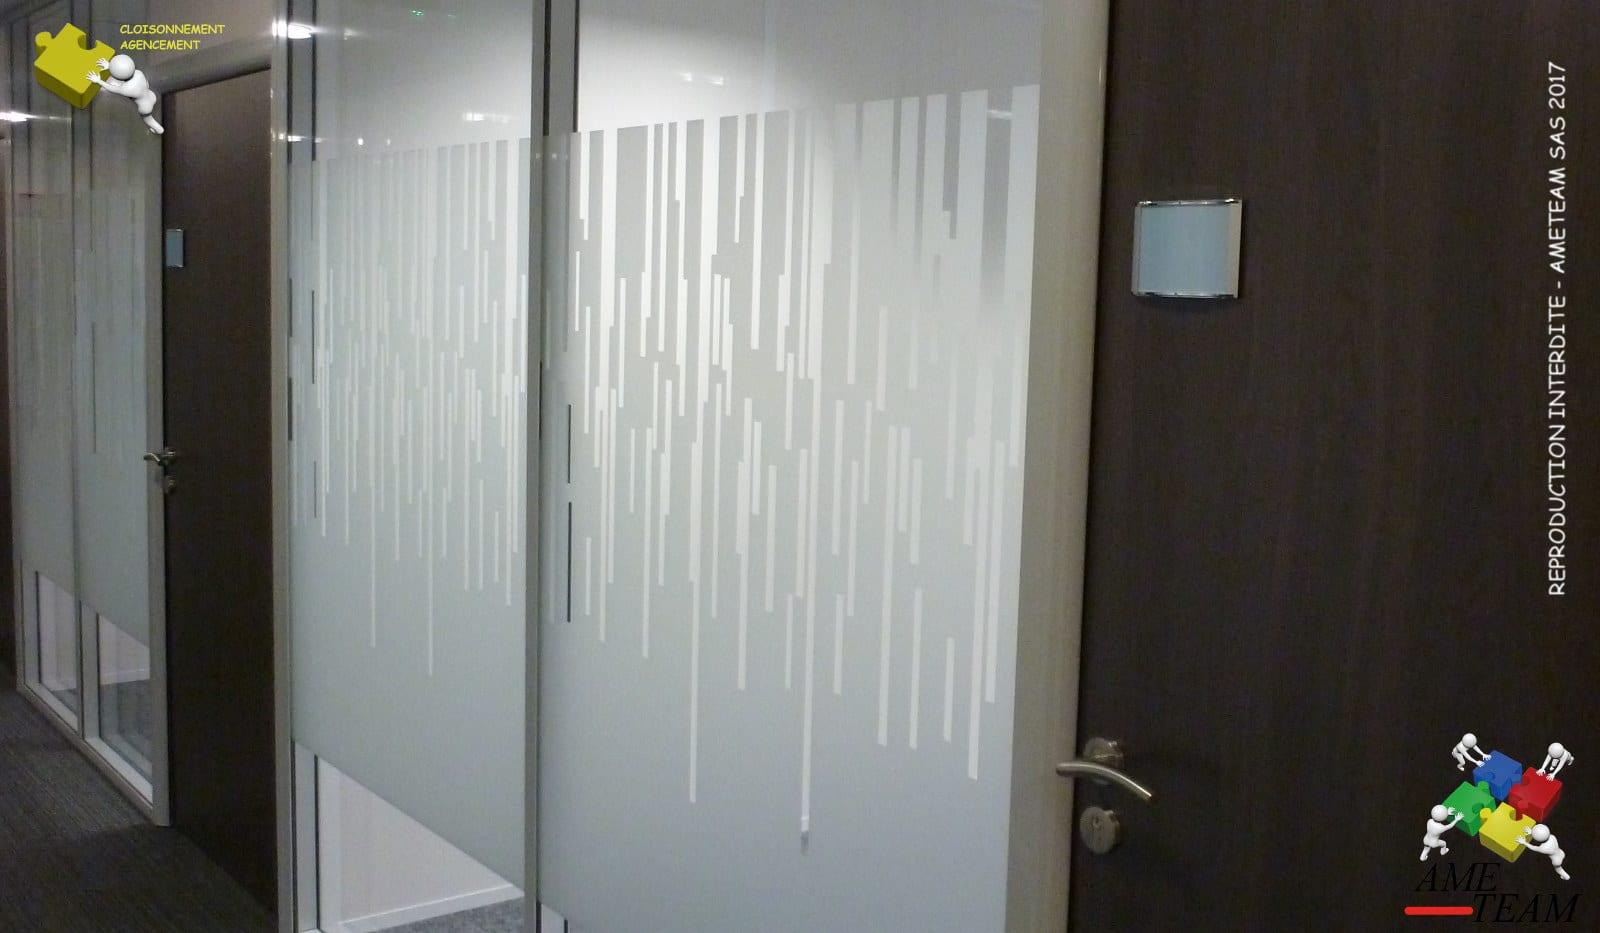 Projet VAL SOLUTIONS / LYON 7 : Cloisons amovibles vitrée toute hauteur avec film decors